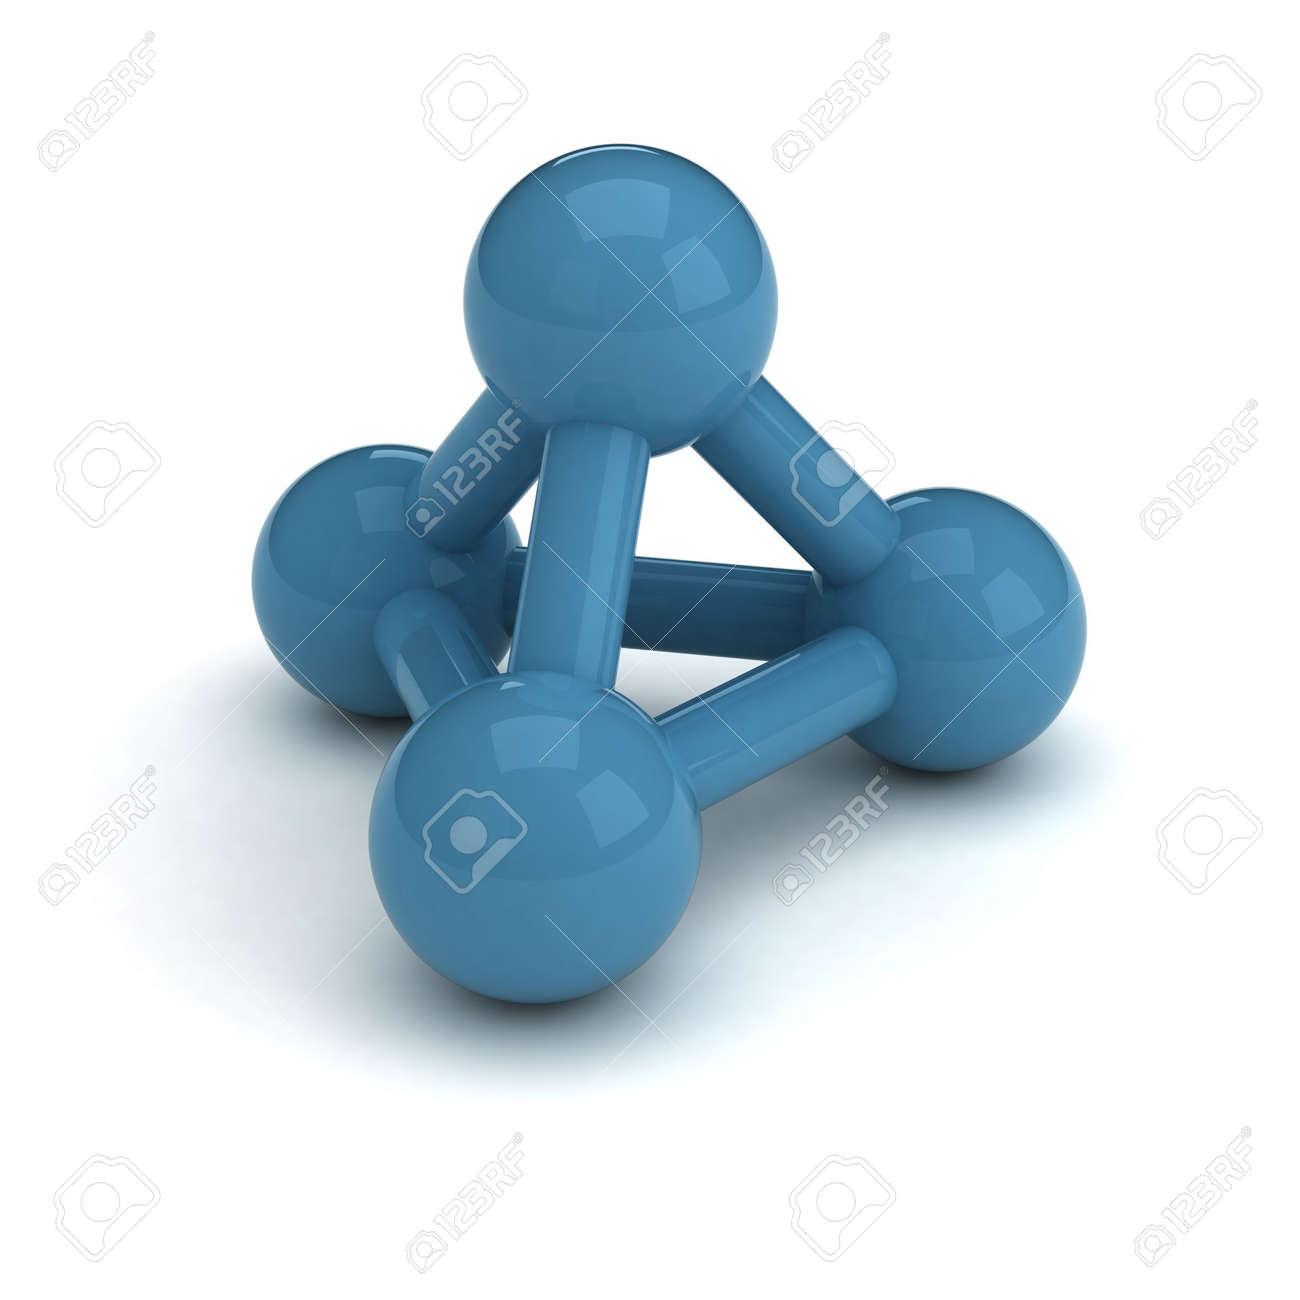 Verbindungssymbol. 3 Kugeln Blau Glänzende Kunststoff, Miteinander ...